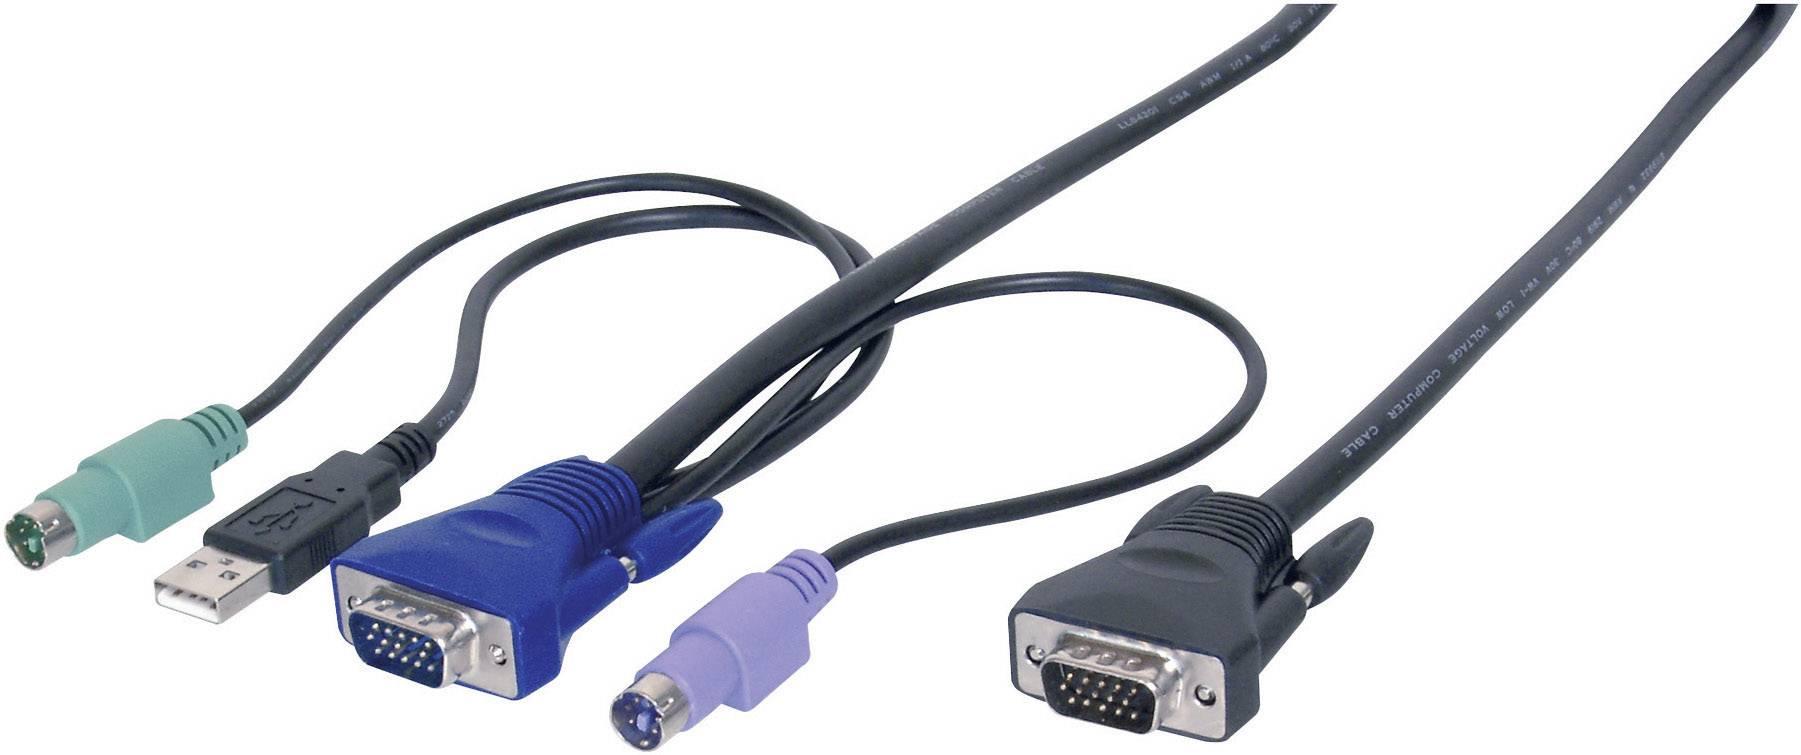 KVM kábel Digitus AK 82002, 3 m, čierna